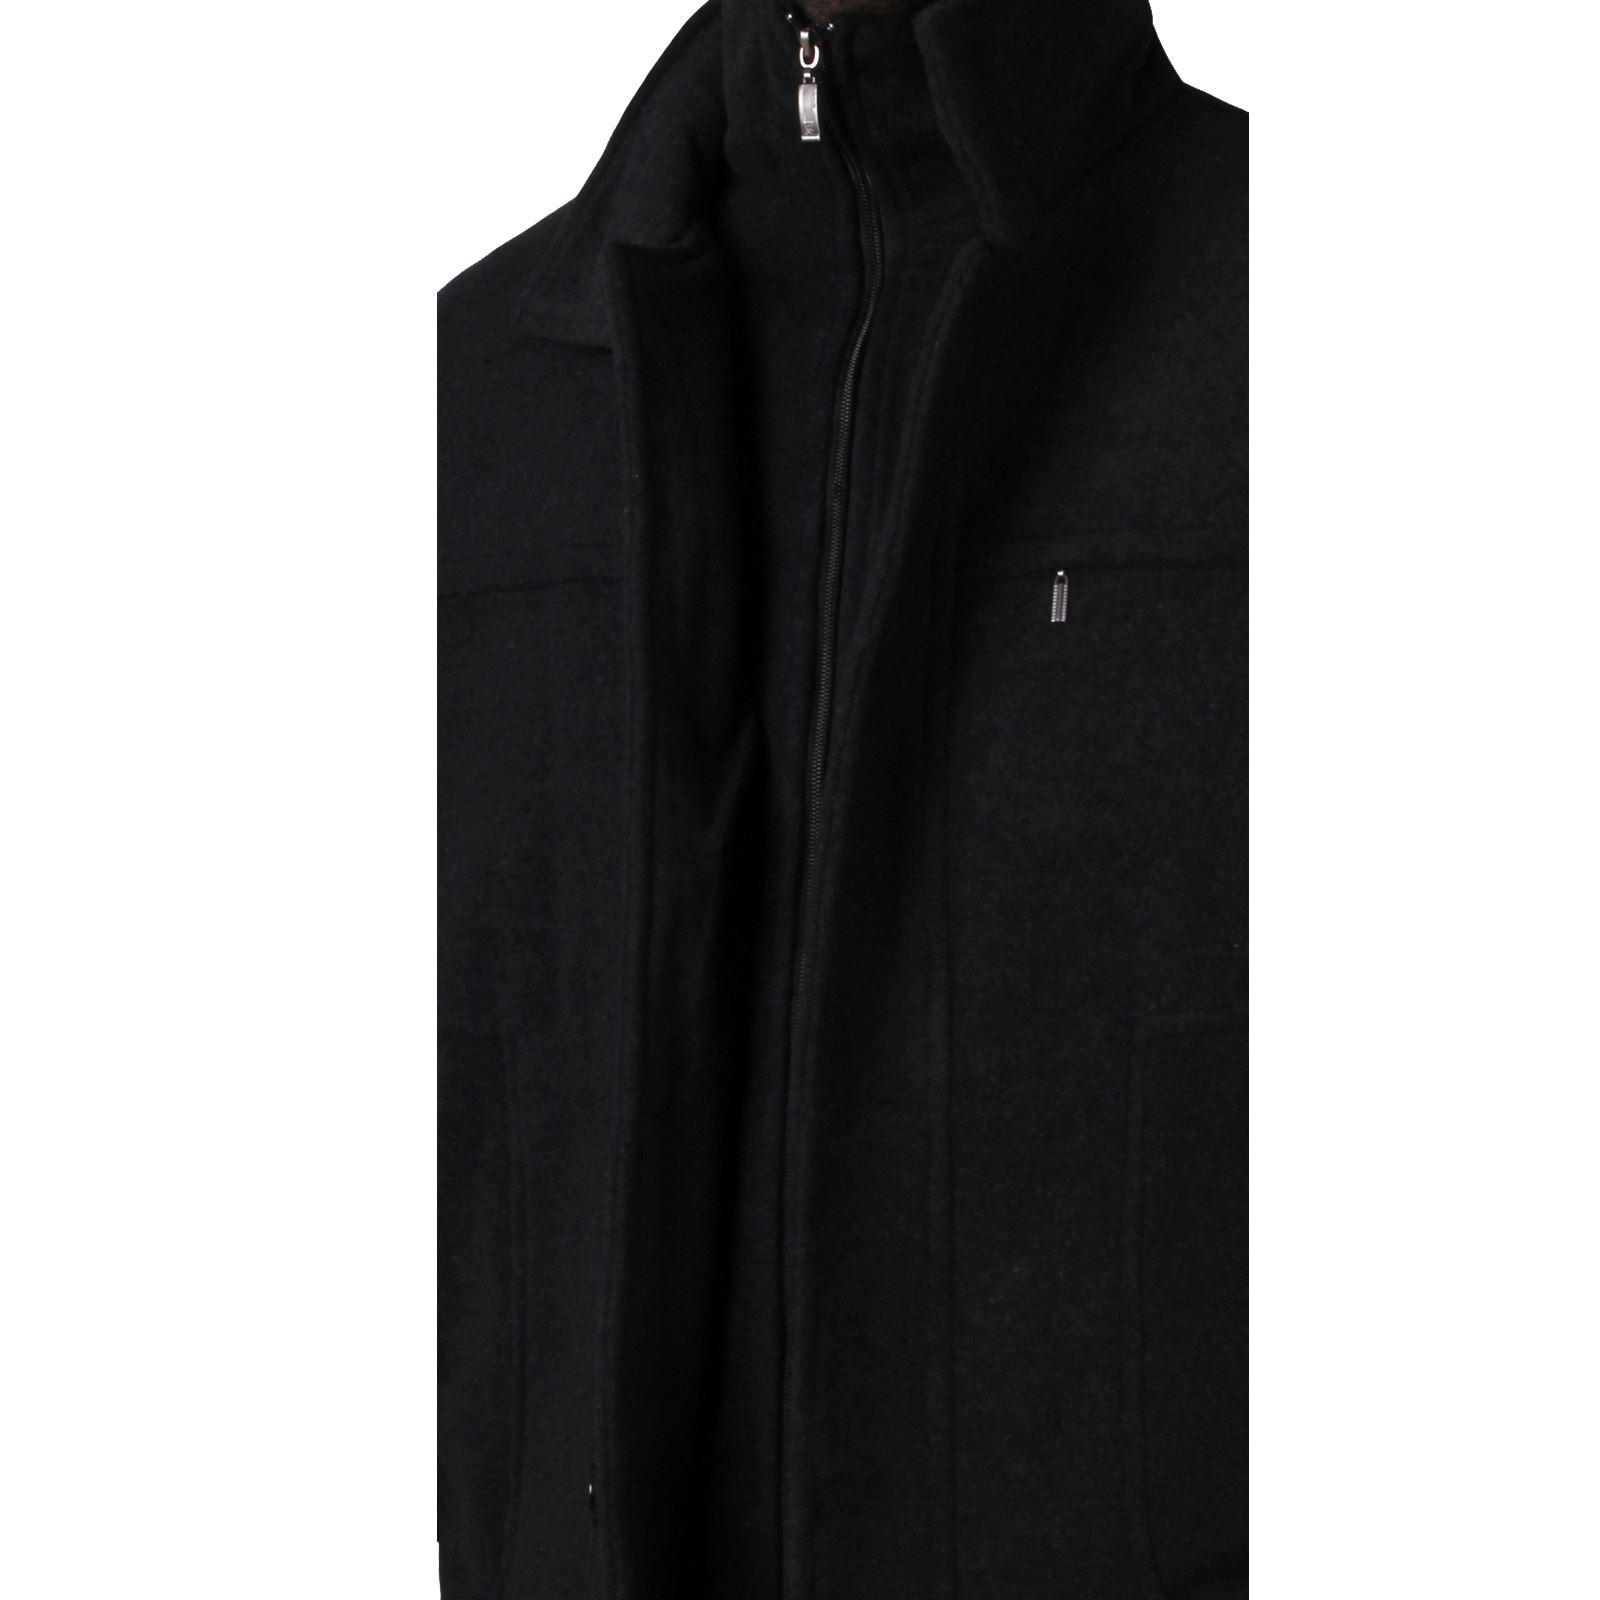 Hommes-Manteau-Veste-Chaude-Doudoune-Trench-Coat-Mac-Jacket-Blouson-Laine-Hiver